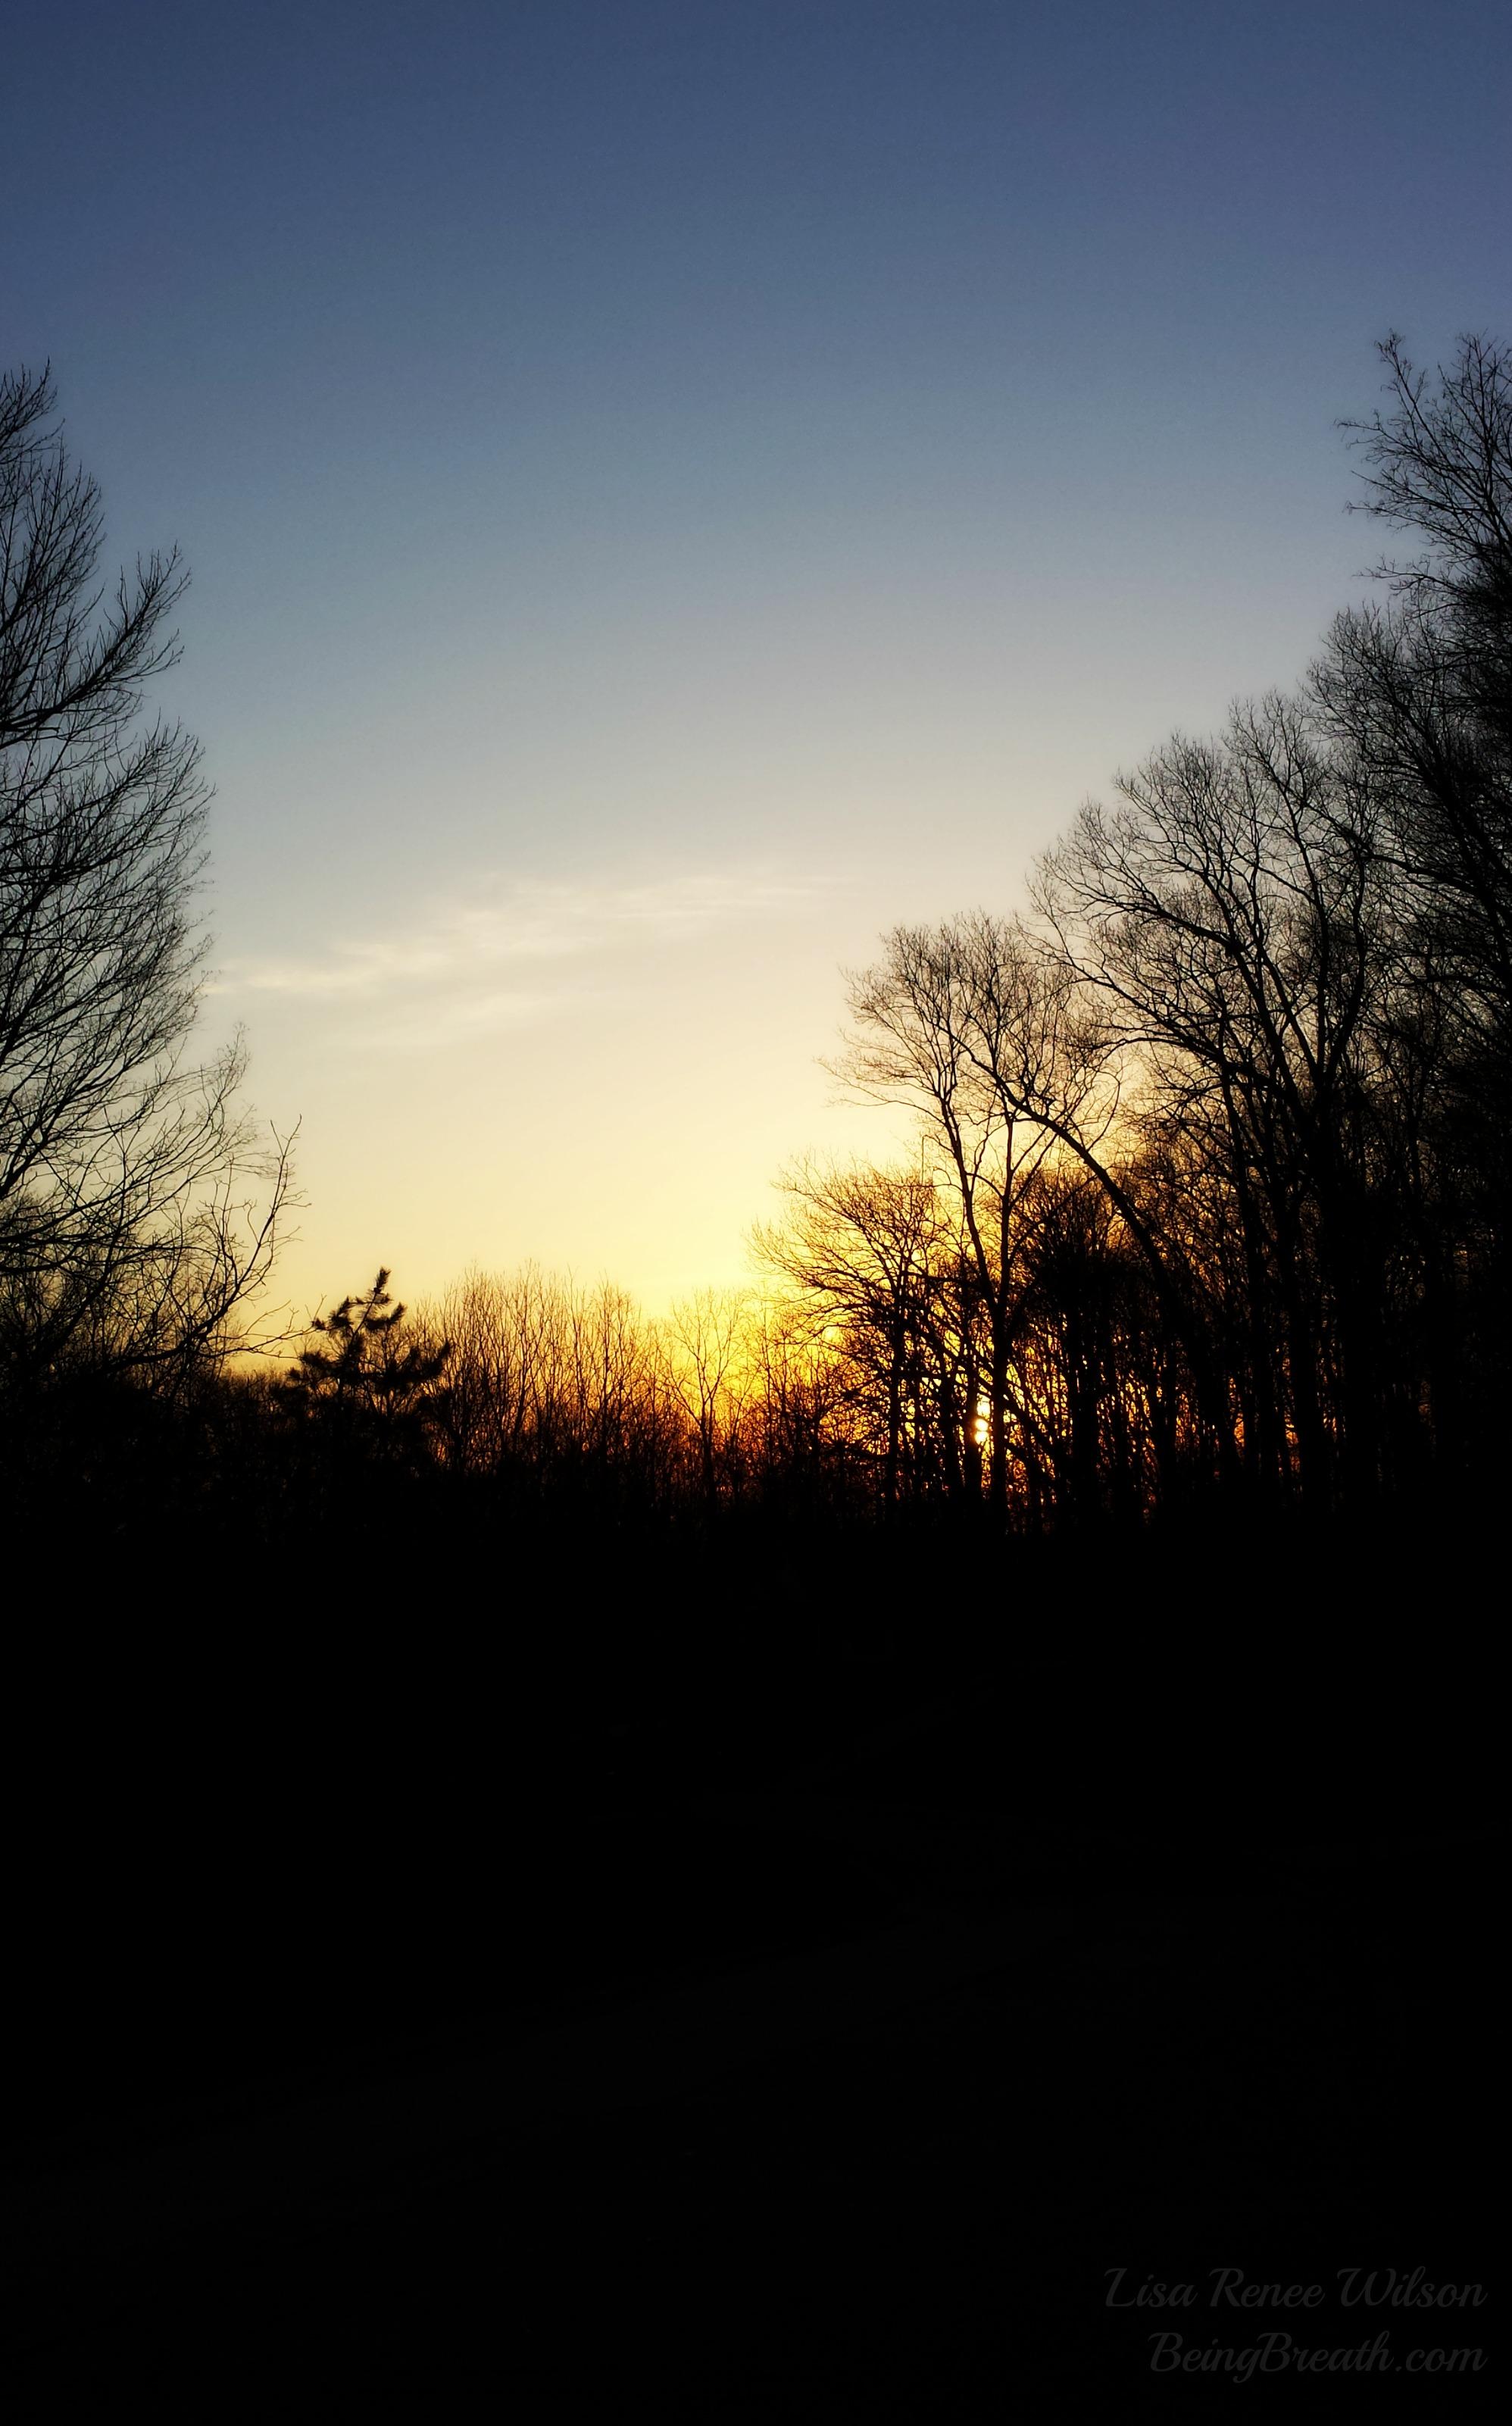 FB_2014-04-01 07.47.01_Sunrise.jpg